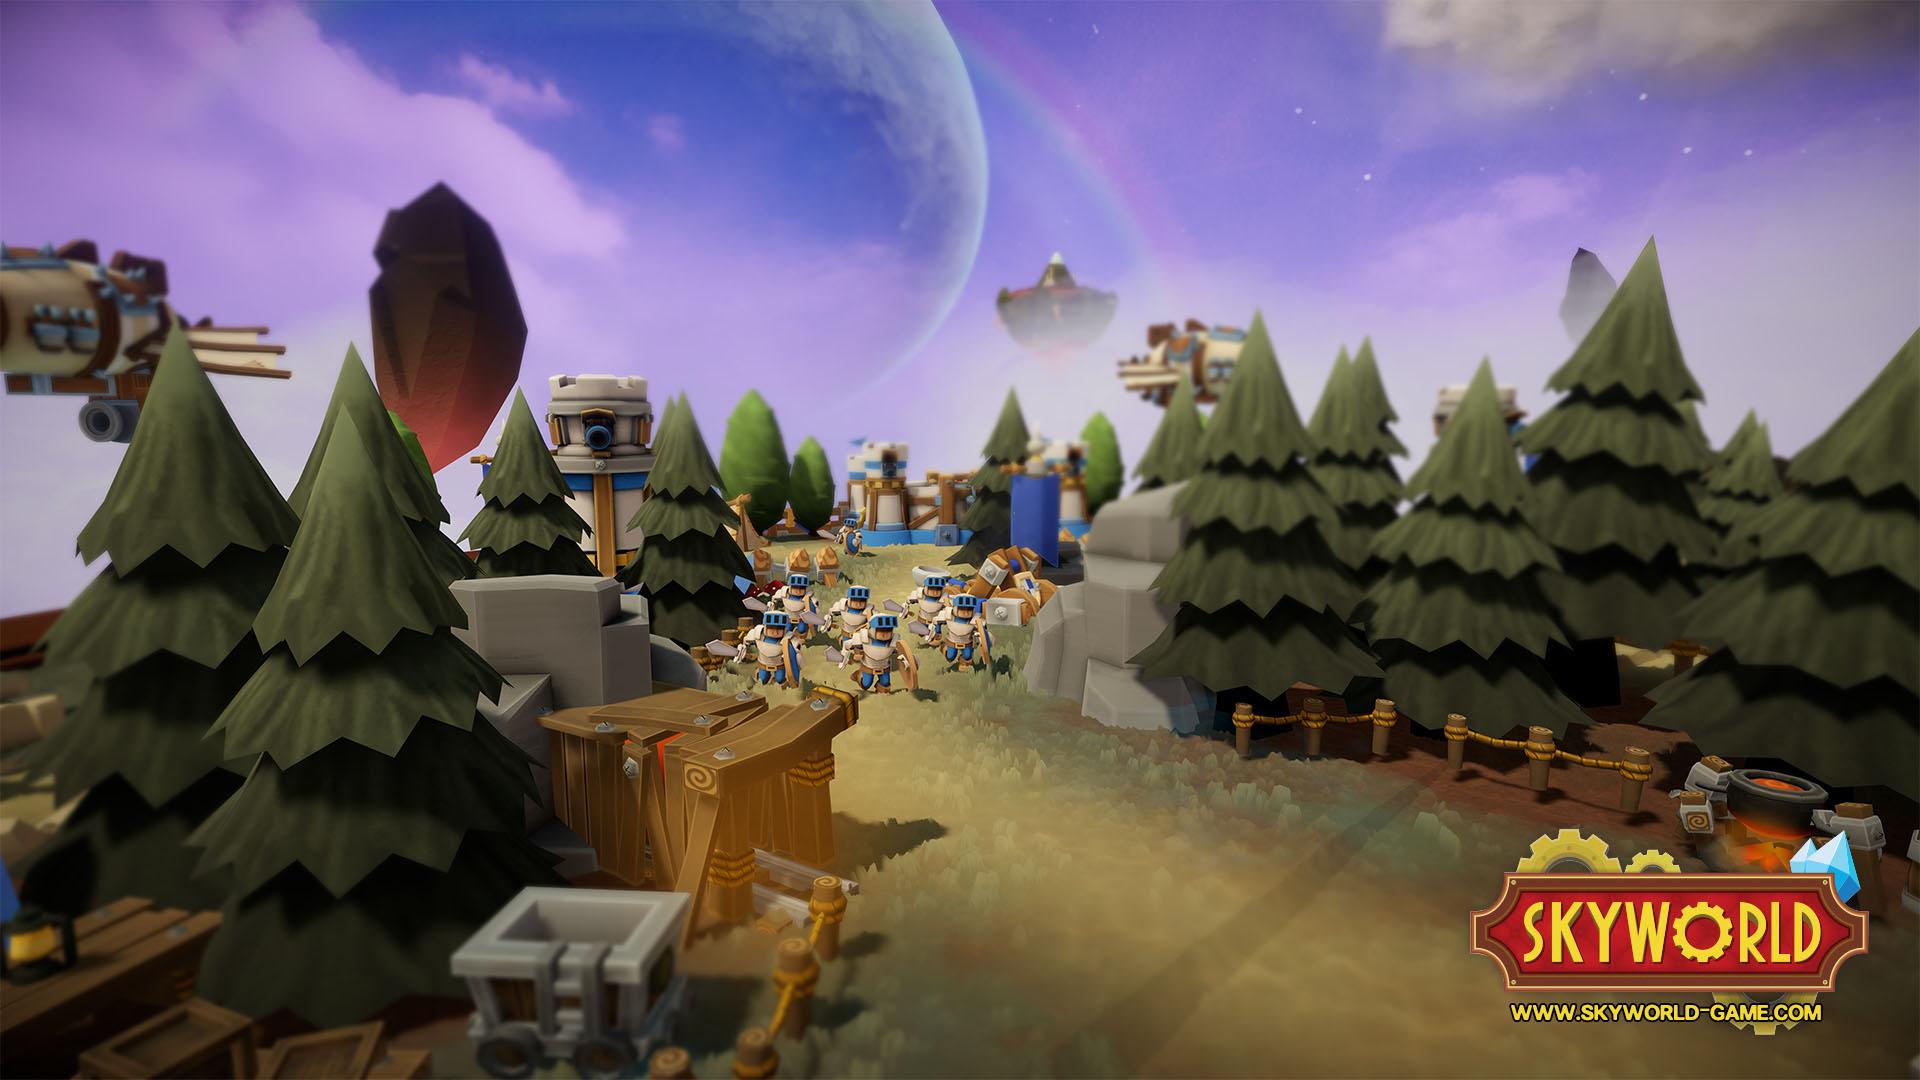 Skyworld-Vertigo-Games-Topdog-VR-HTC-Vive-Oculus-Rift-Microsoft-VR